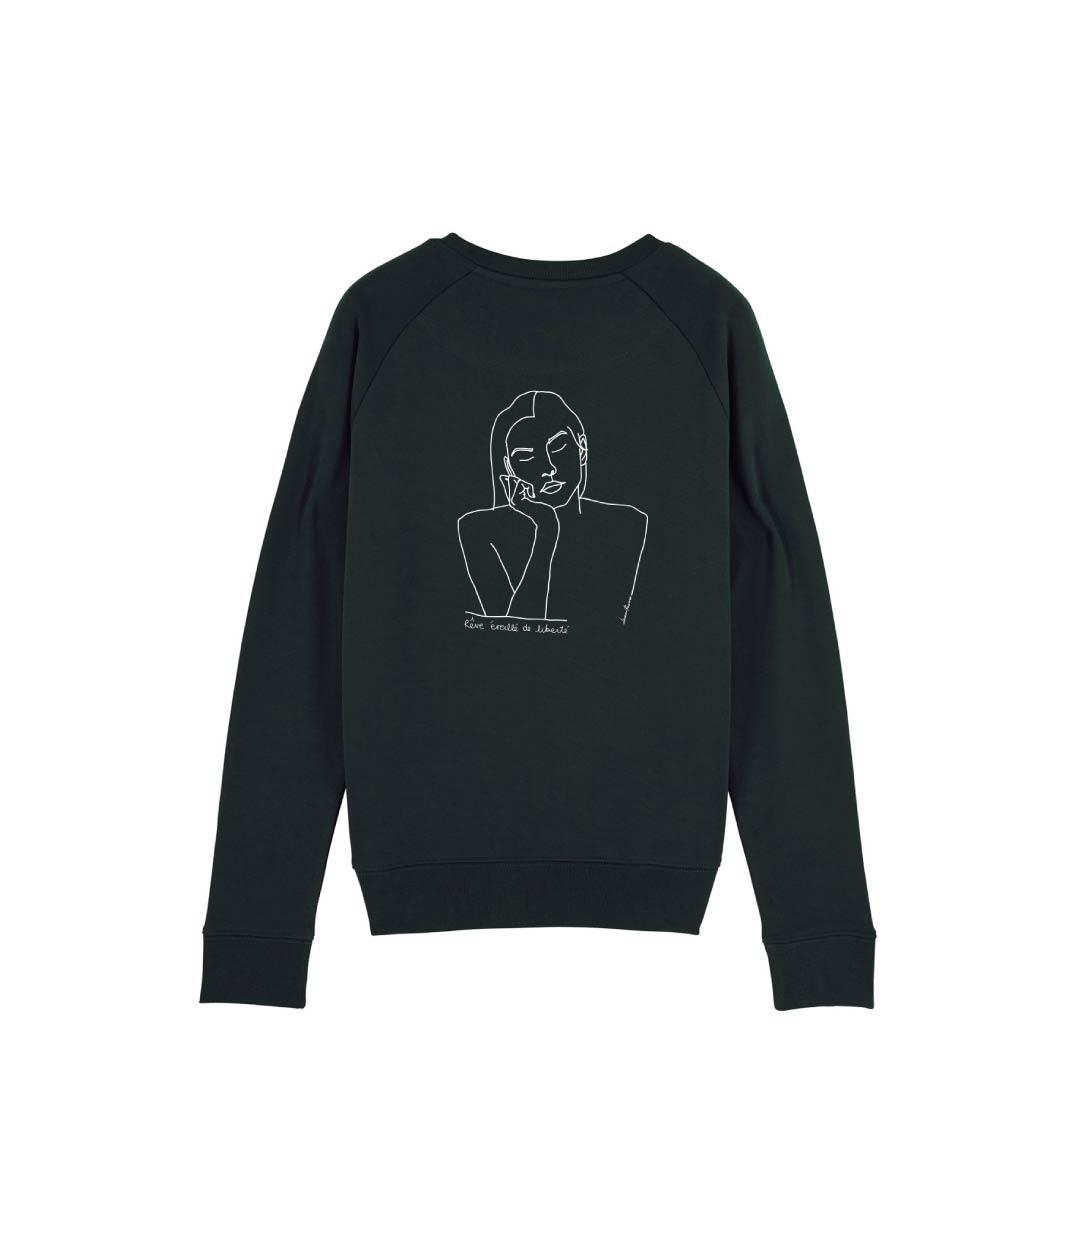 mockup sweatshirt noir avec dessin d'une femme